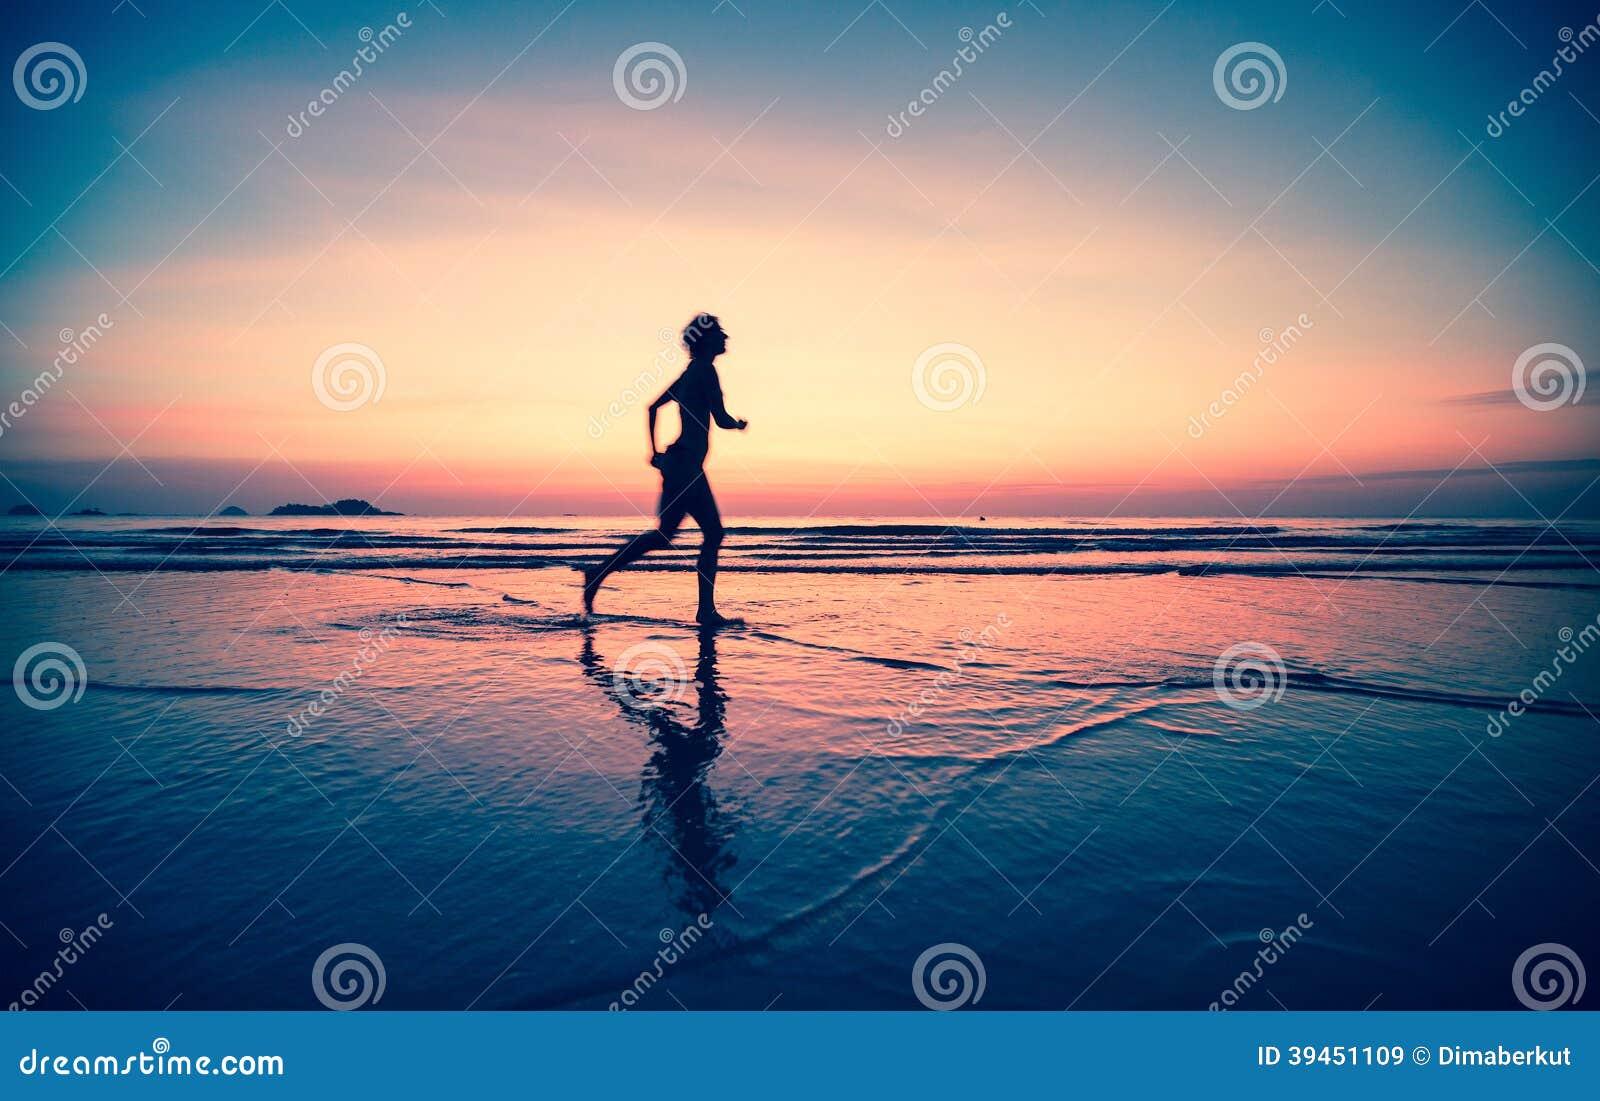 Σκιαγραφία Blured μιας γυναίκας jogger στην παραλία στο ηλιοβασίλεμα